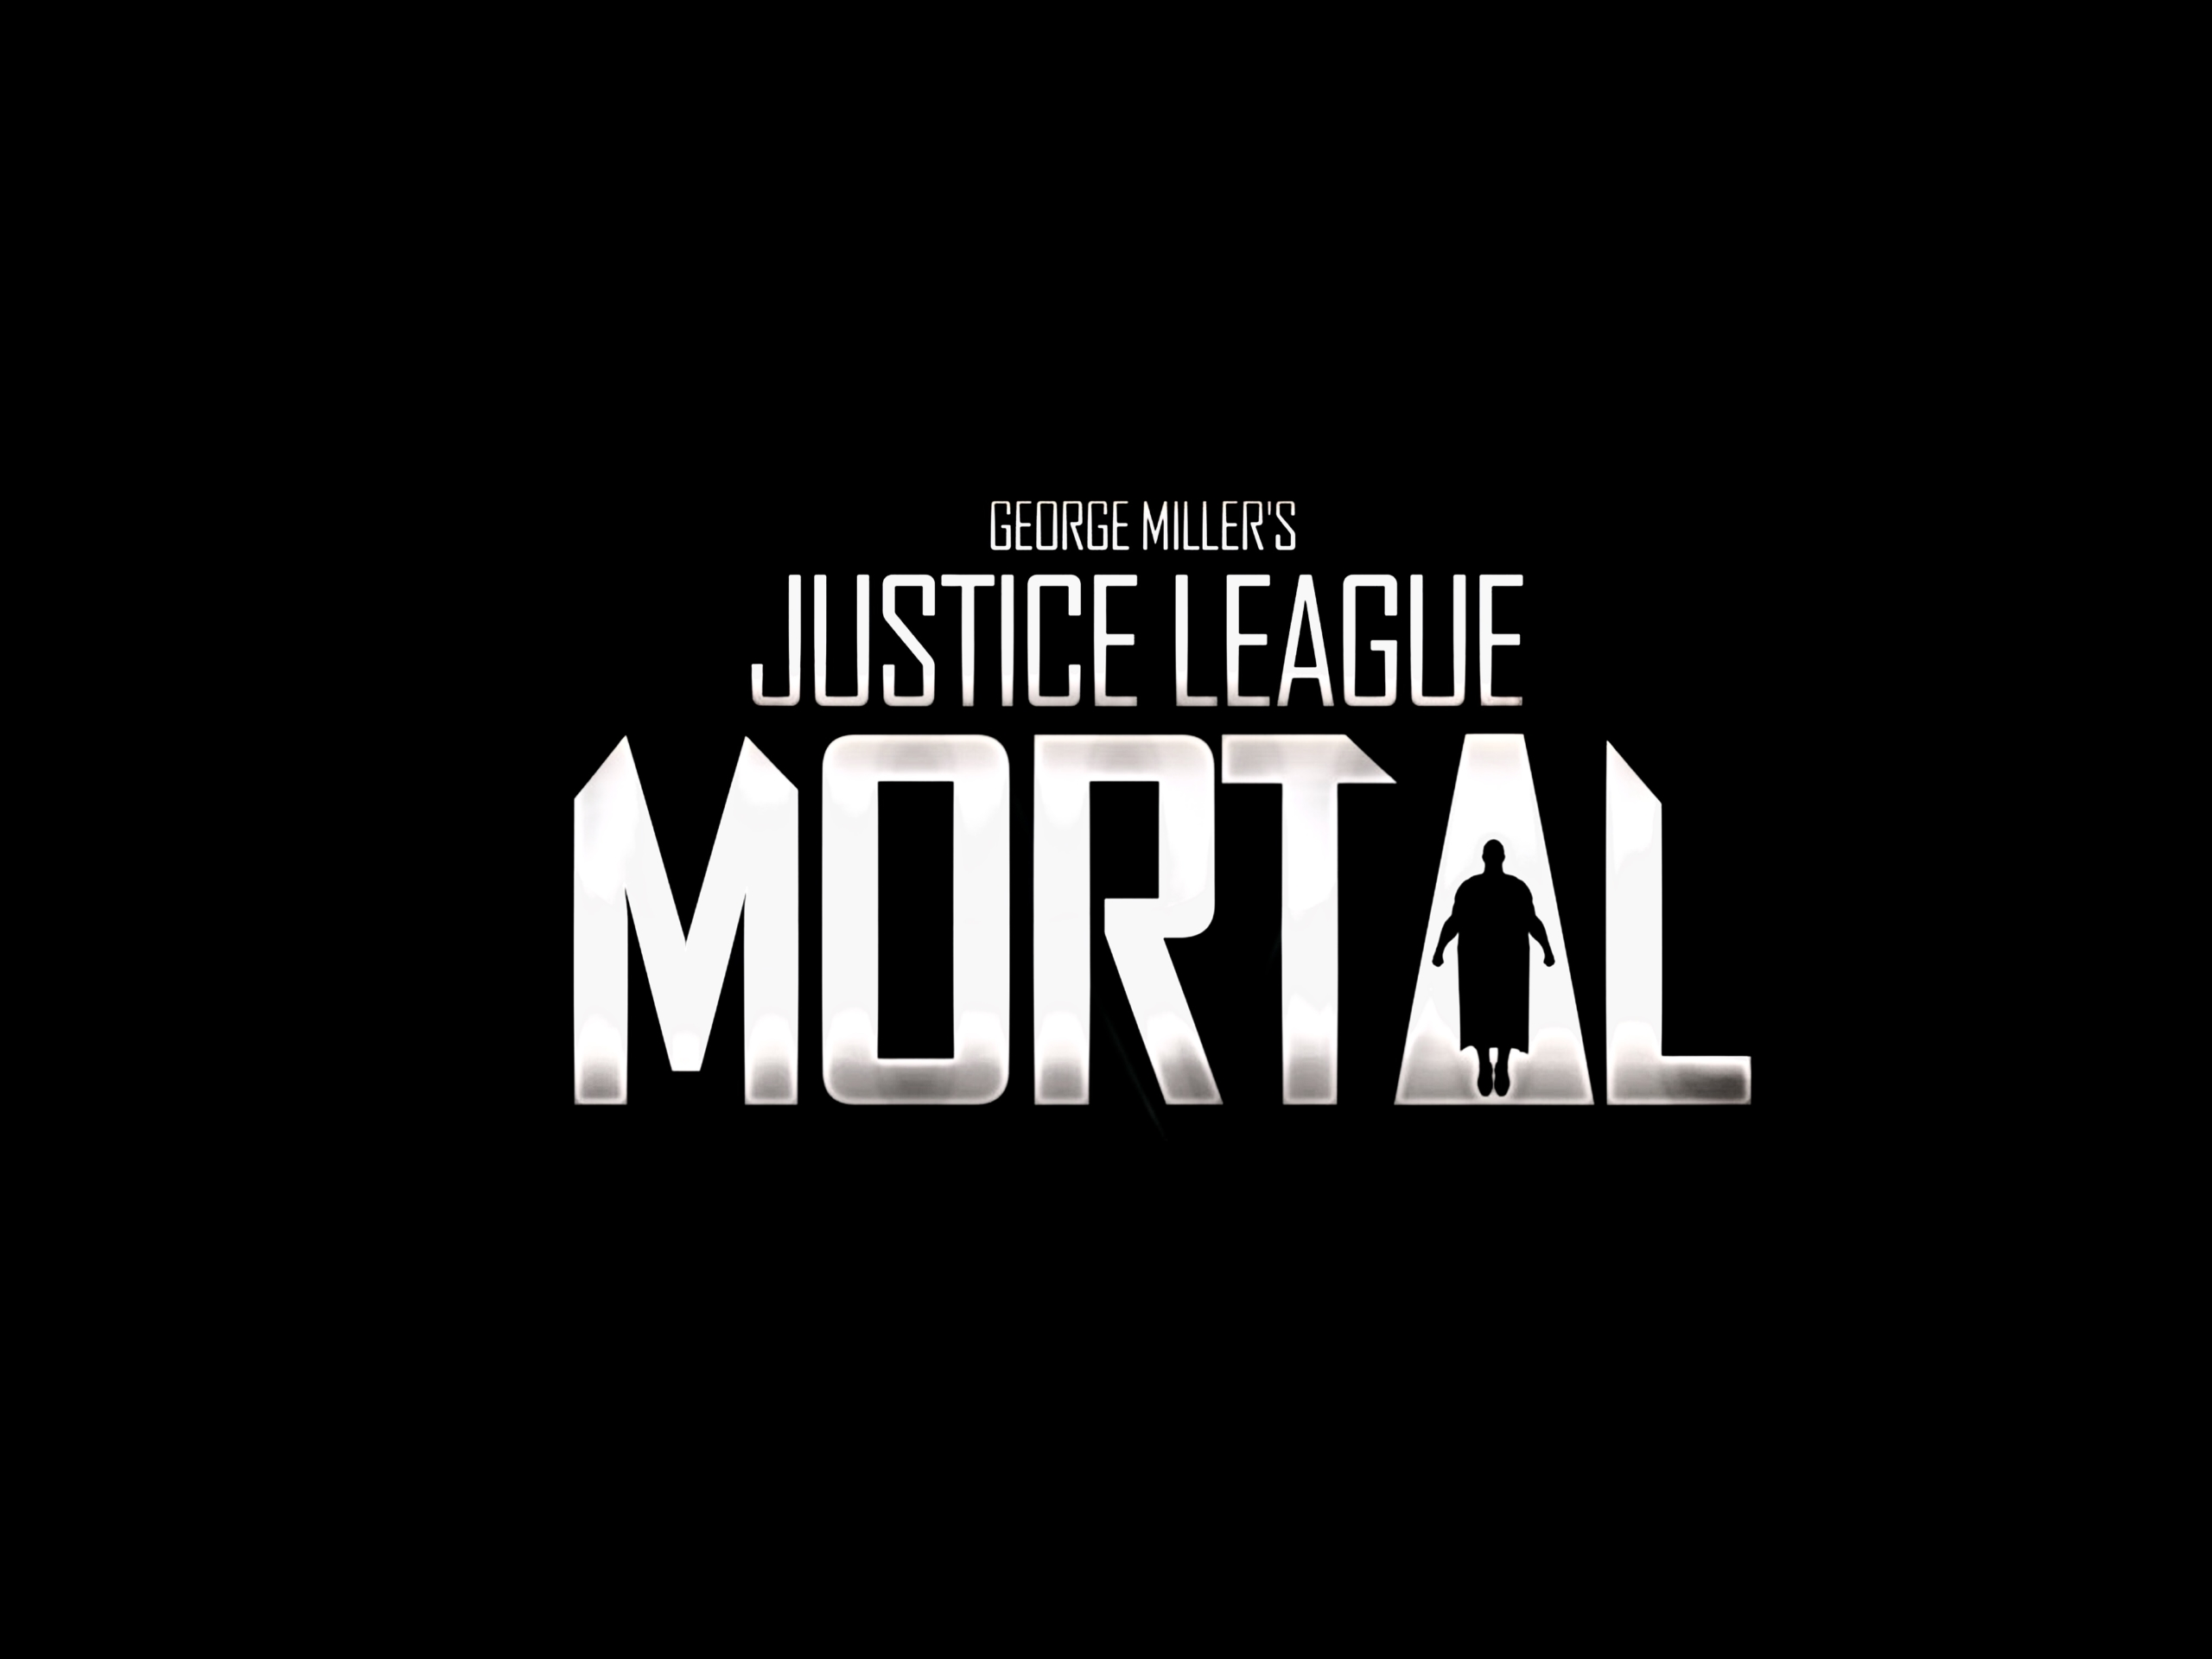 """Arte mostra o traje do Batman em """"Liga da Justiça: Mortal"""" 9"""